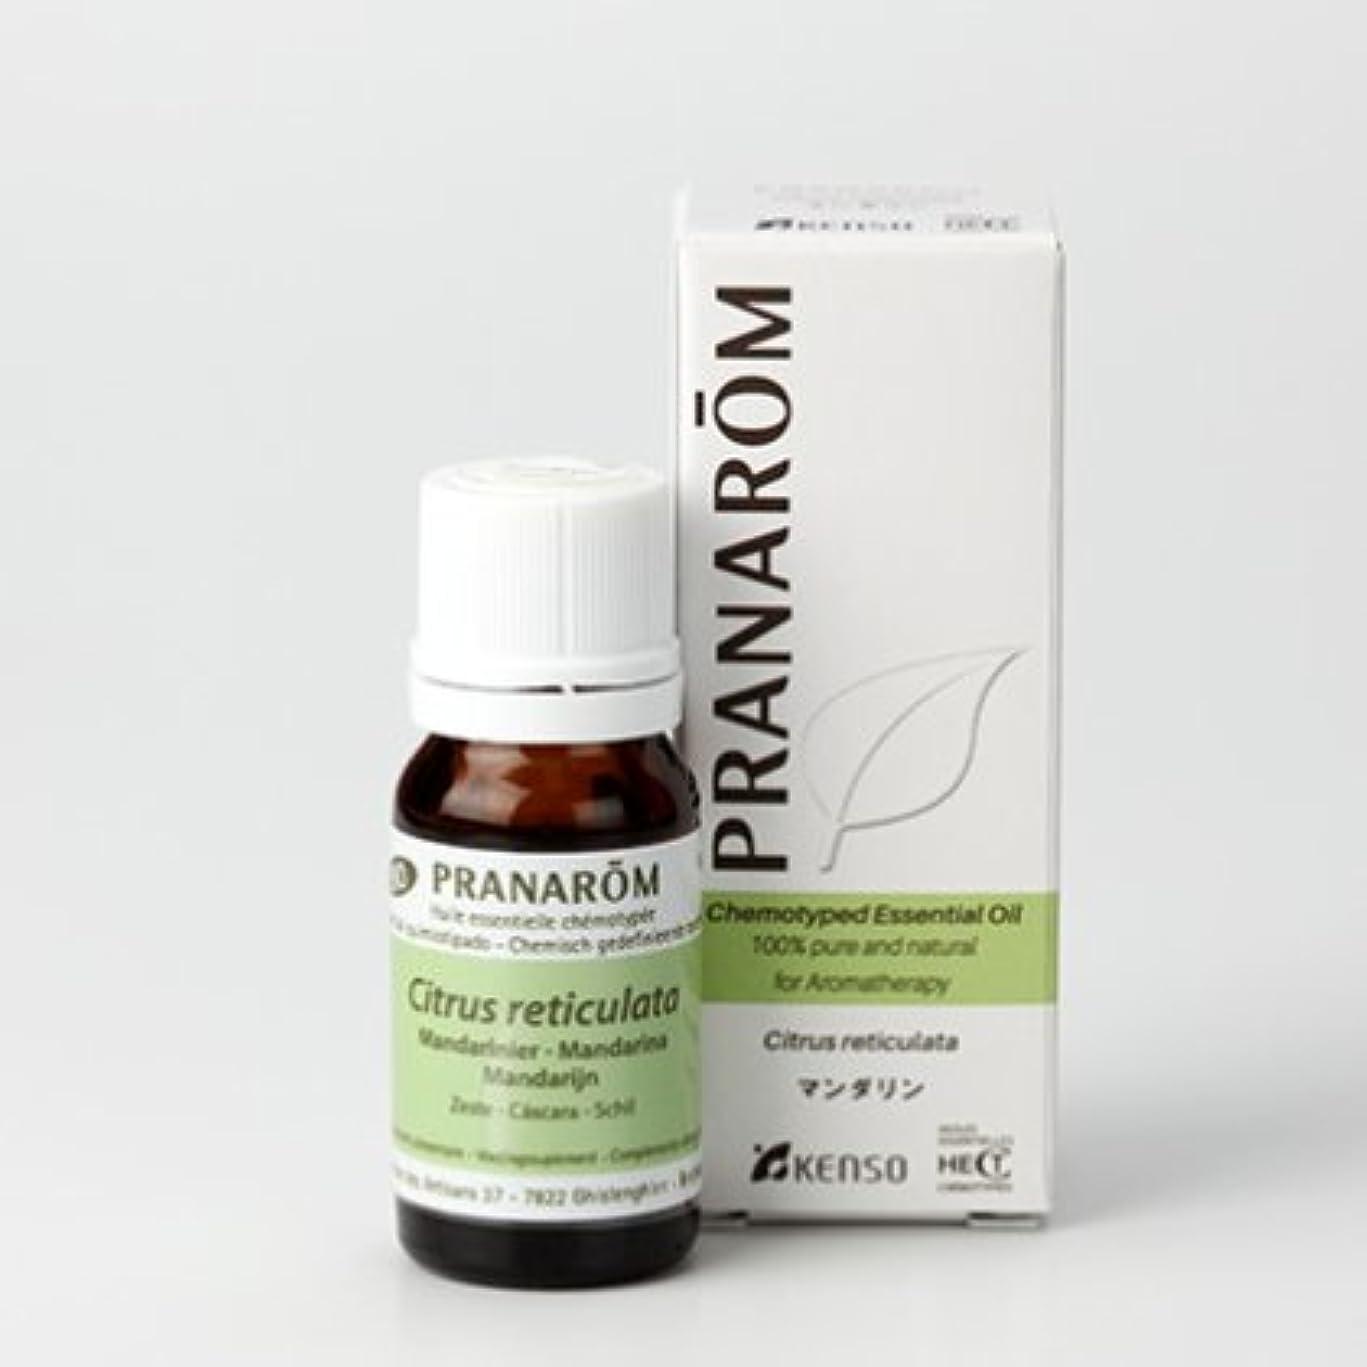 福祉ドループいくつかのマンダリン 10ml プラナロム社エッセンシャルオイル(精油) 柑橘系トップノート